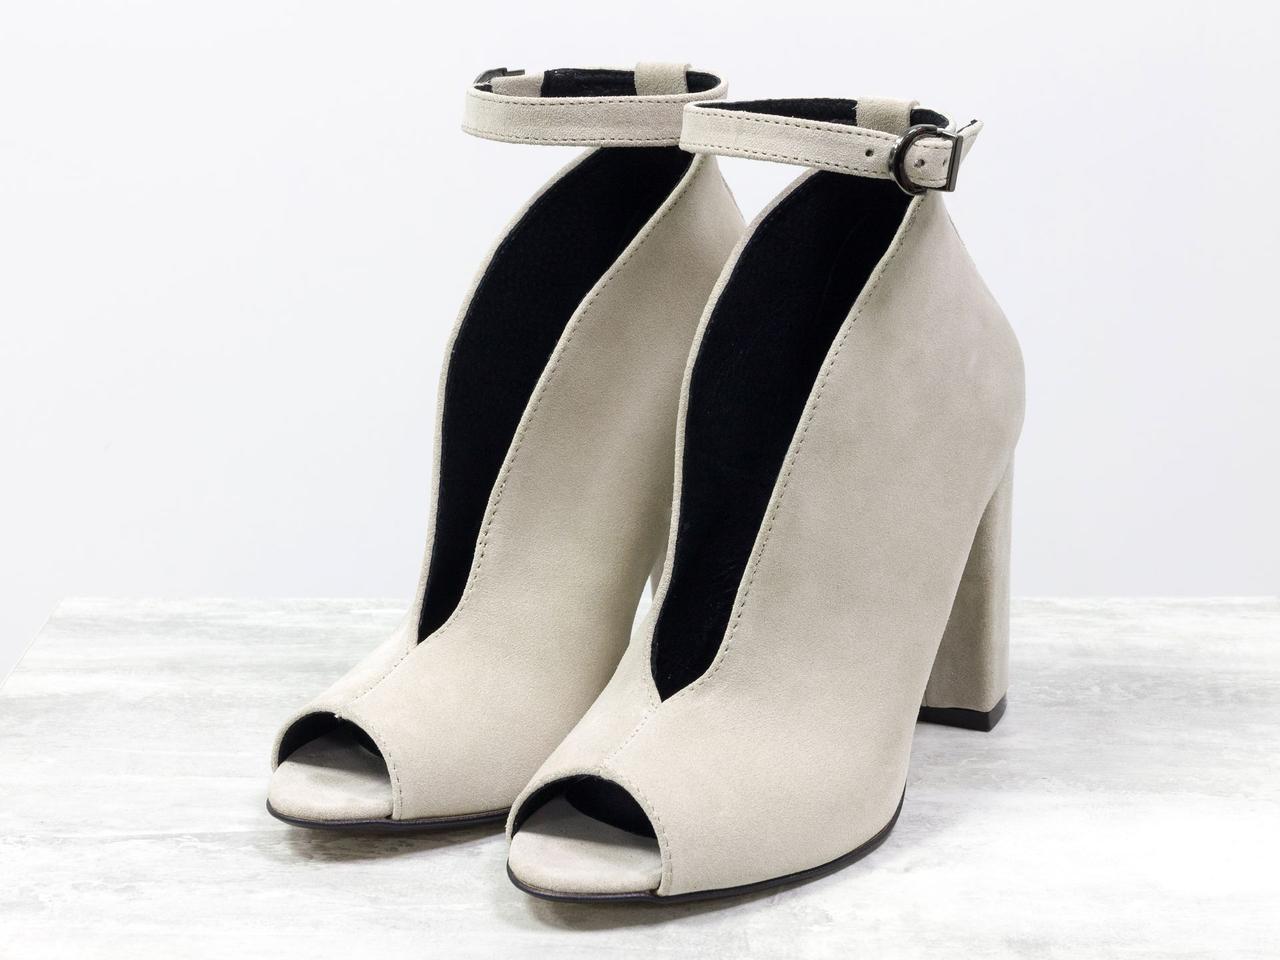 Дизайнерские туфли с открытым носиком из натуральной замши бежевого цвета